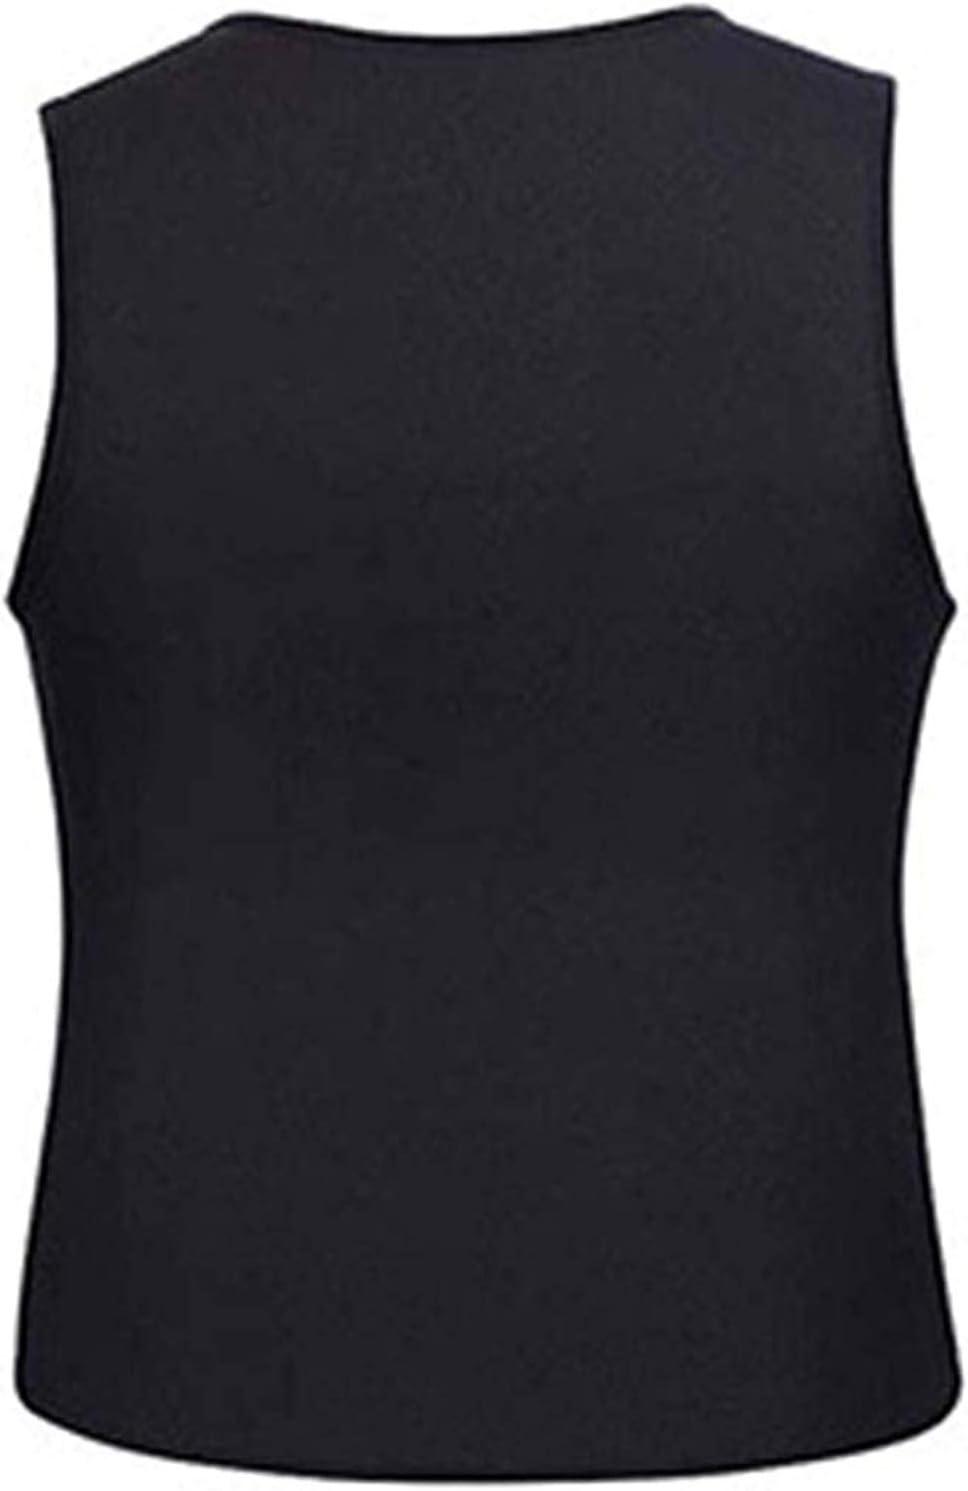 CRXL shop-Heizdecke M/änner Korsett Shirt Body Shaper Gym Gewichtsverlust Hot Neopren Sauna Taille Trainer Rei/ßverschluss Weste Sauna Ultra Sweat Abnehmen Weightloss Tank Top Trainingsanzug Shirt